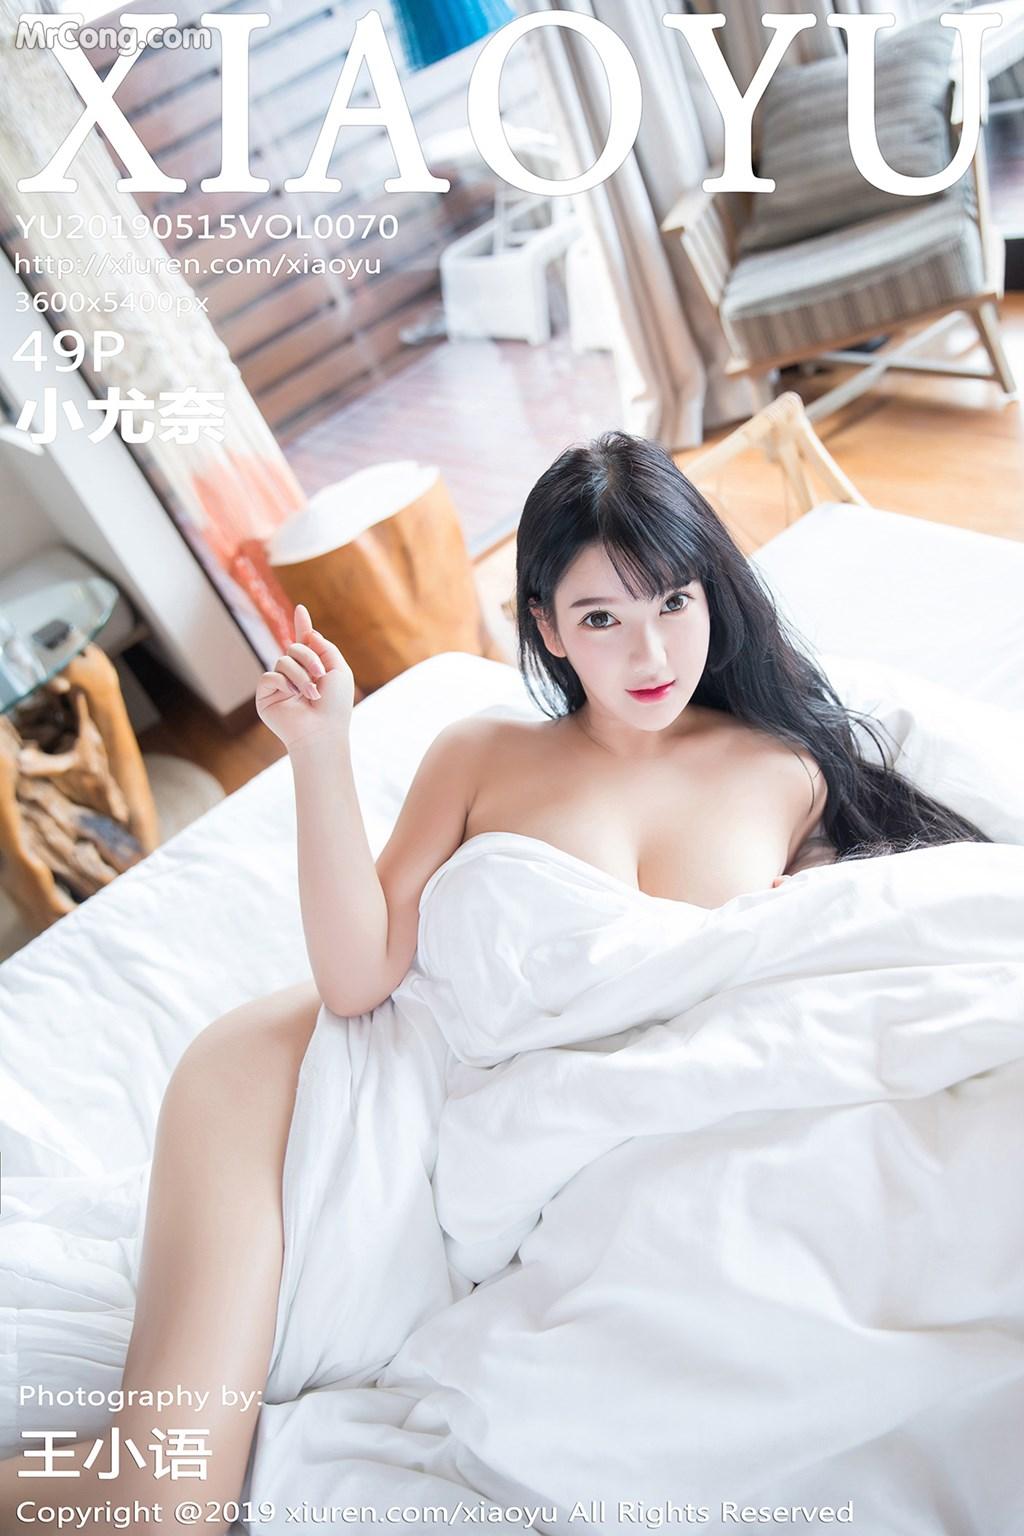 XiaoYu Vol.070: Xiao You Nai (小 尤奈) (50 pictures)